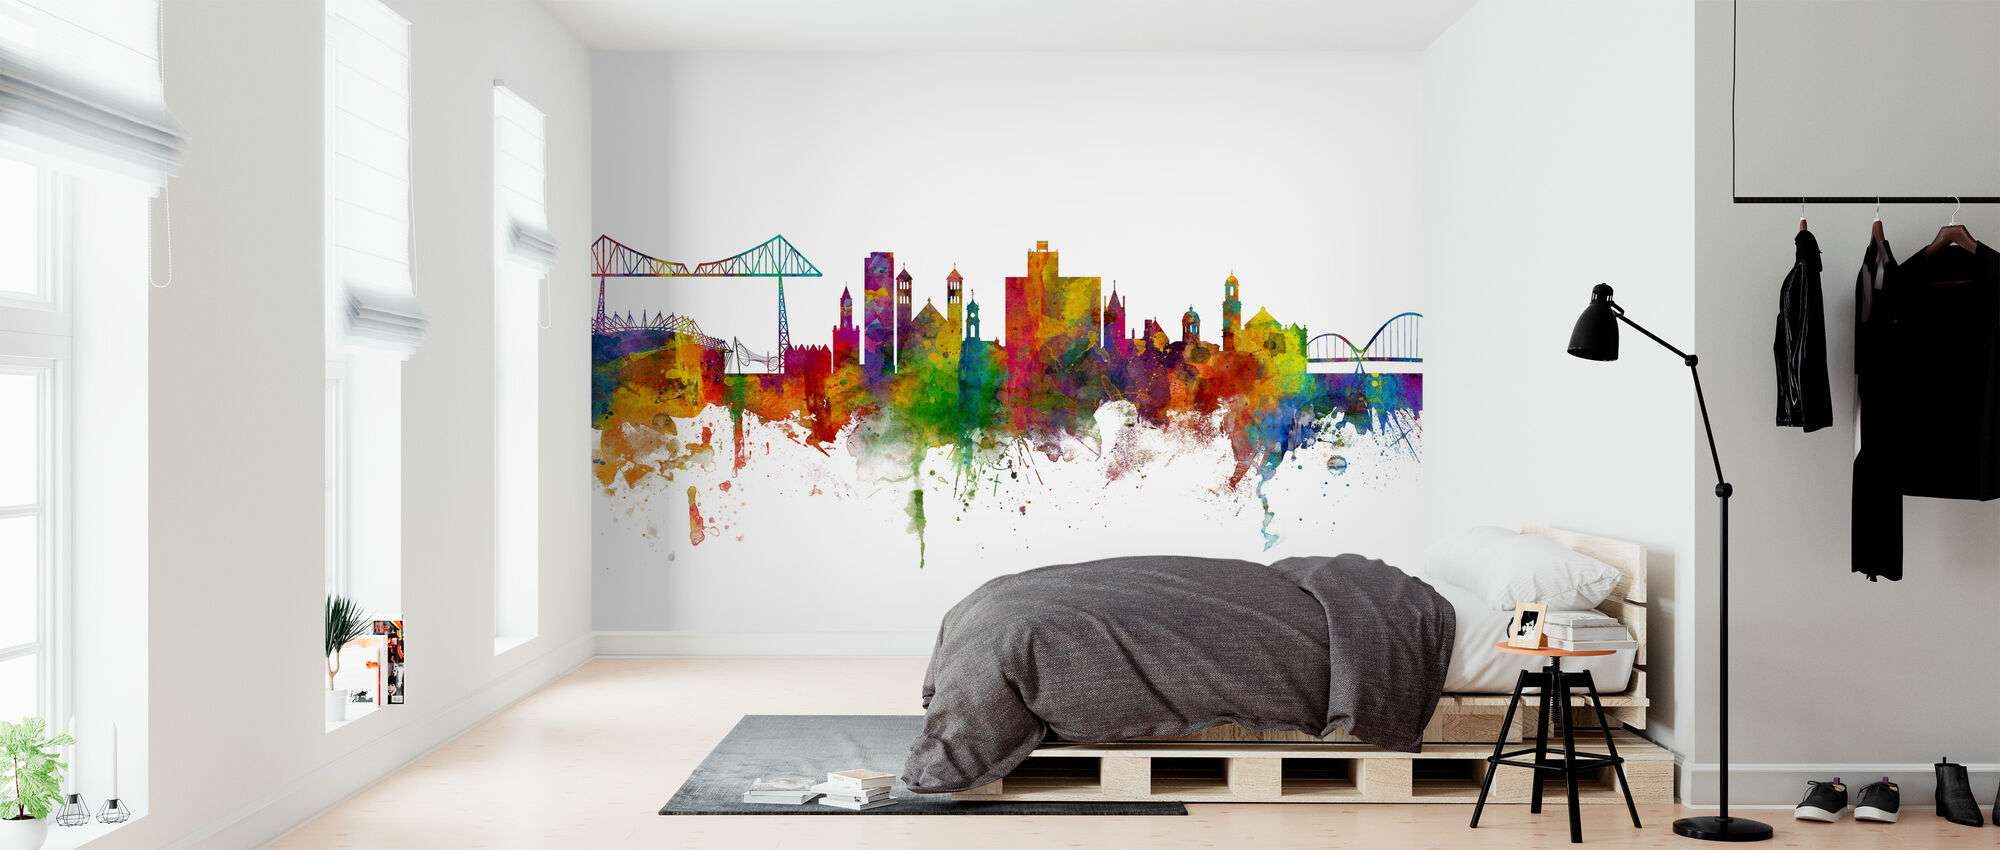 Middlesbrough Skyline - Wallpaper - Bedroom